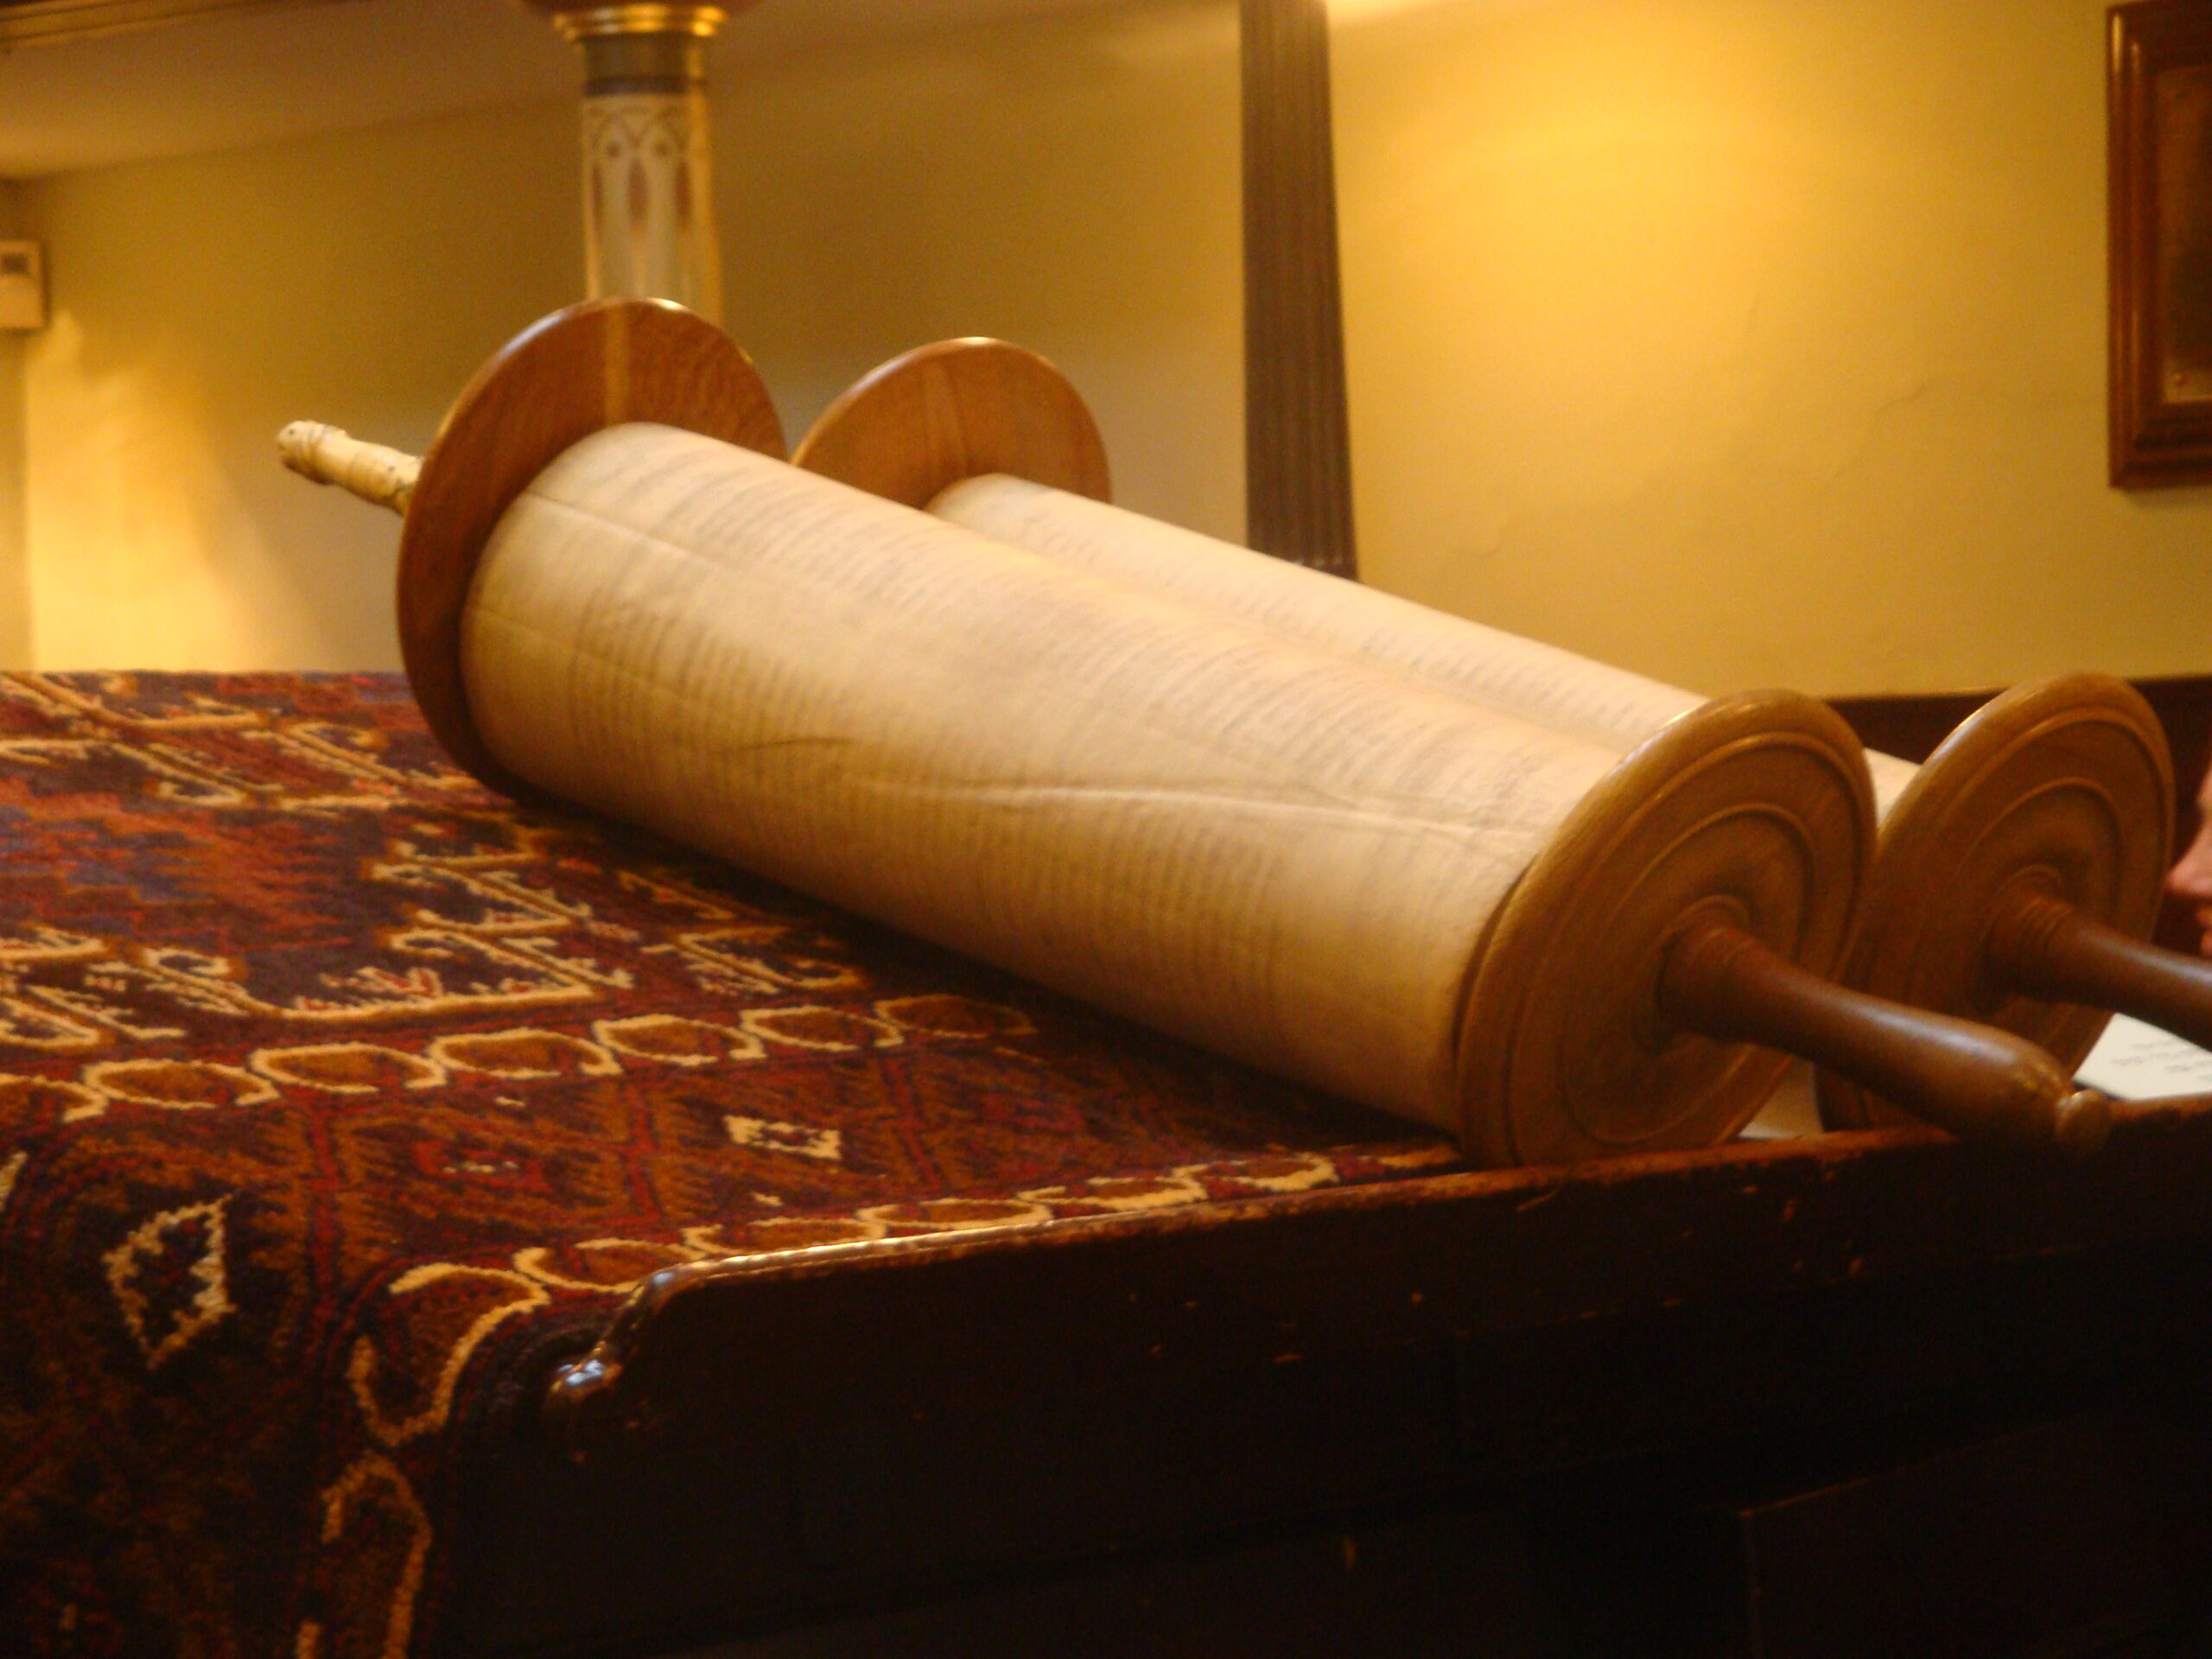 Torah,_the_Jewish_Holy_Book